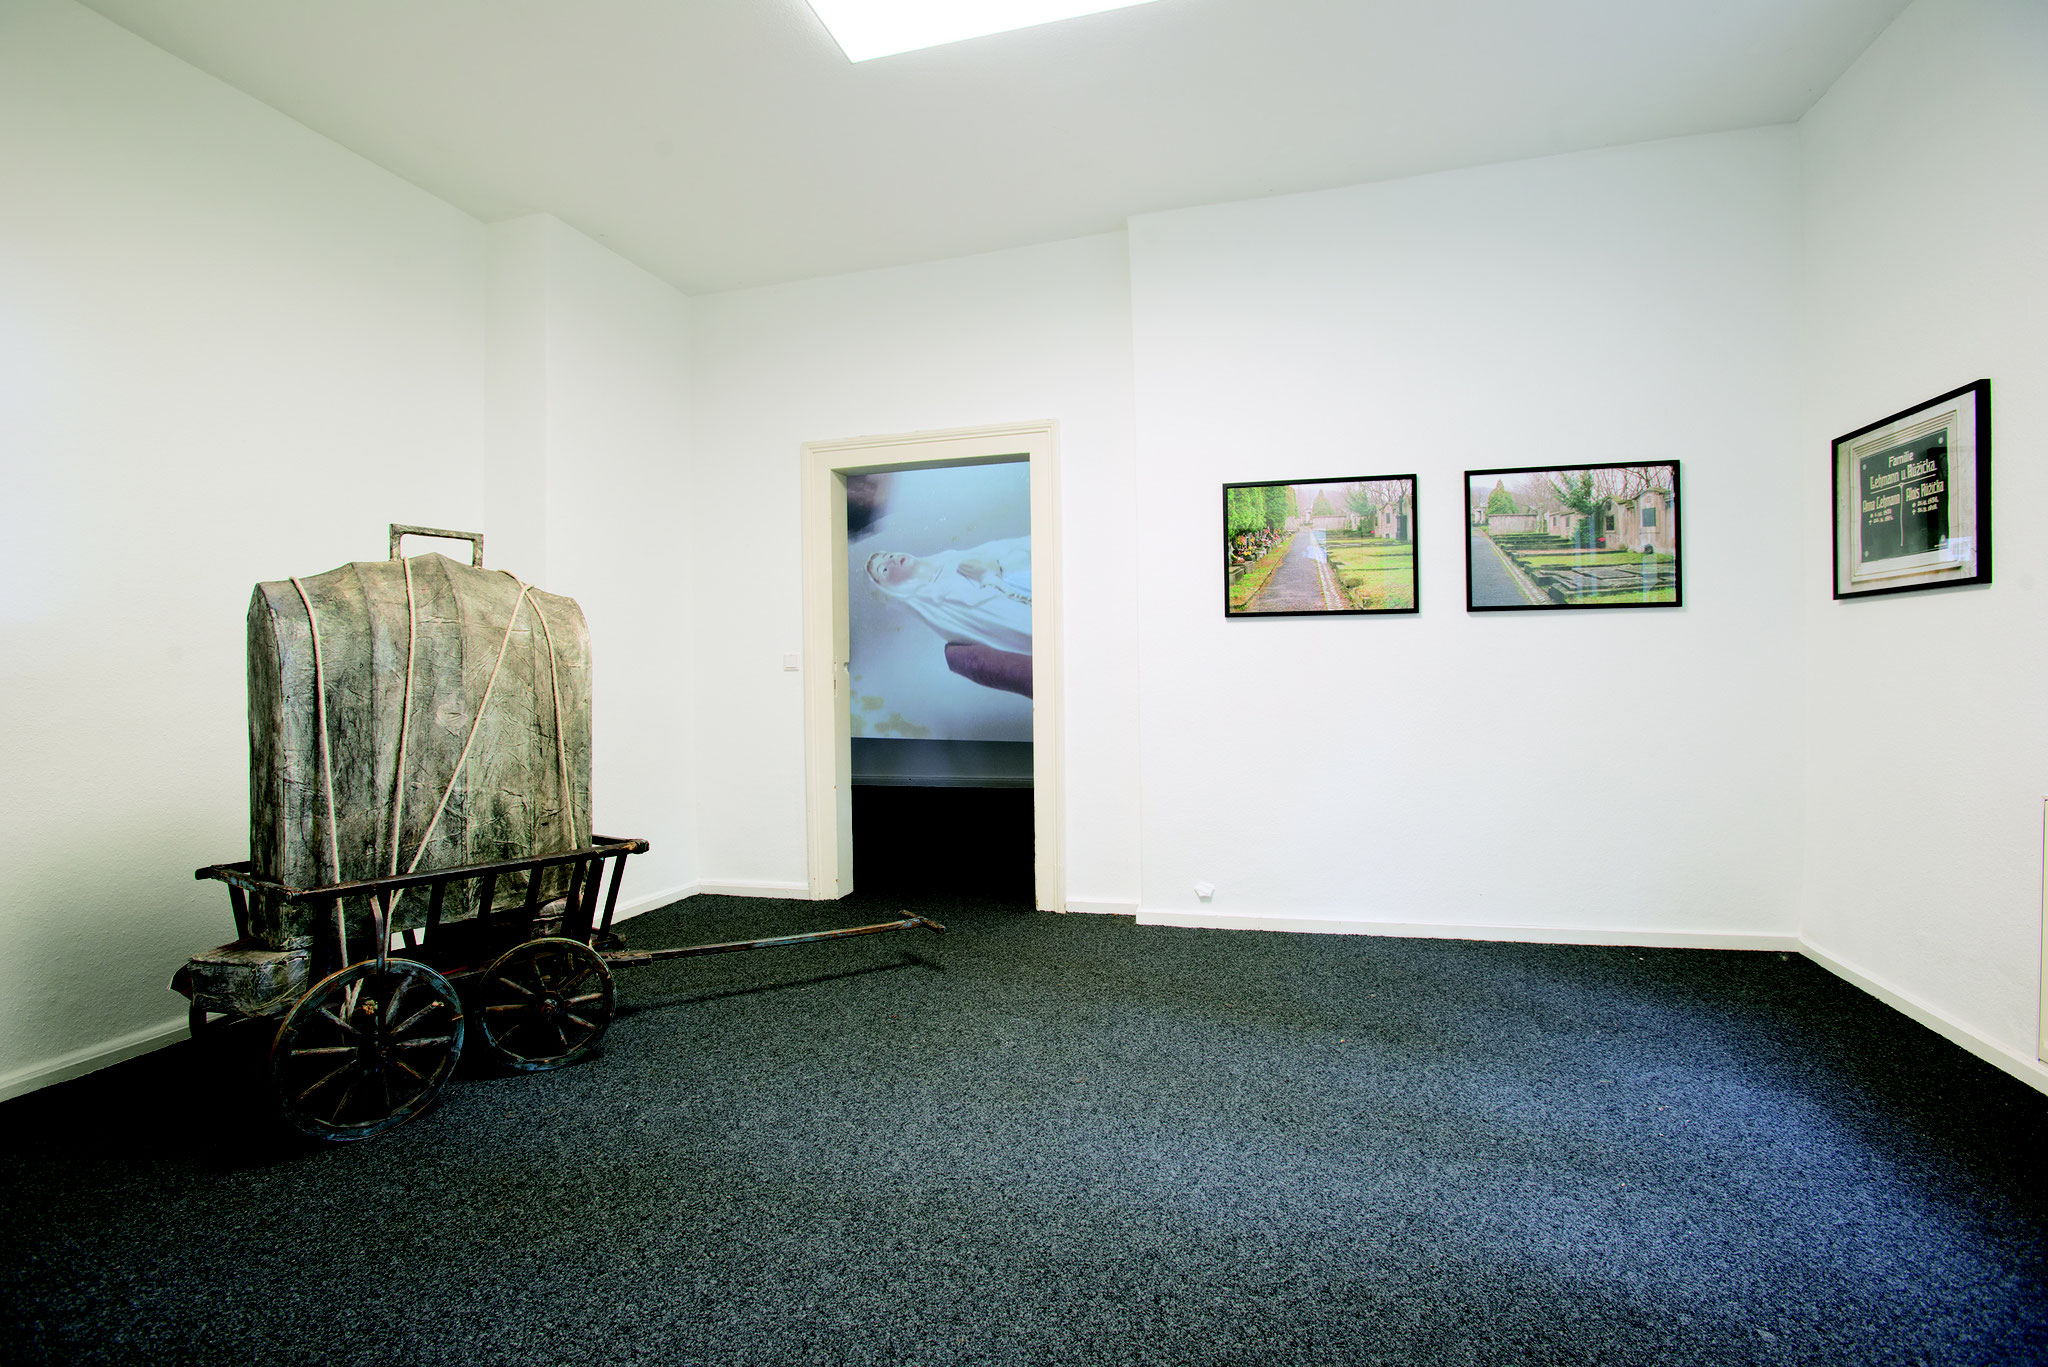 installtionsansicht Donath / Lorenz Höfer